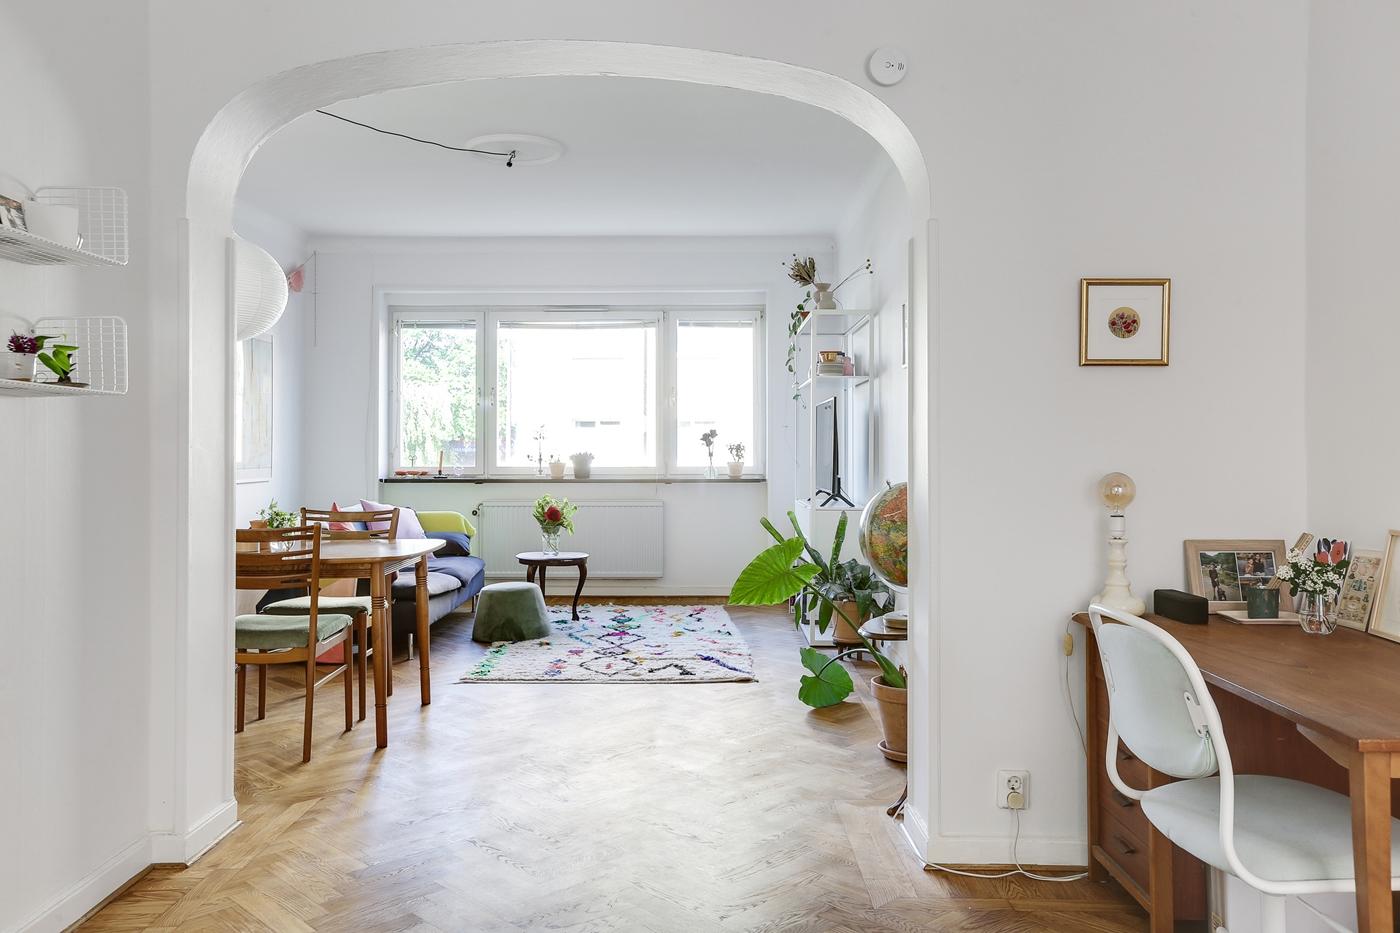 Ljusa, luftiga ytor och stort fönsterparti.